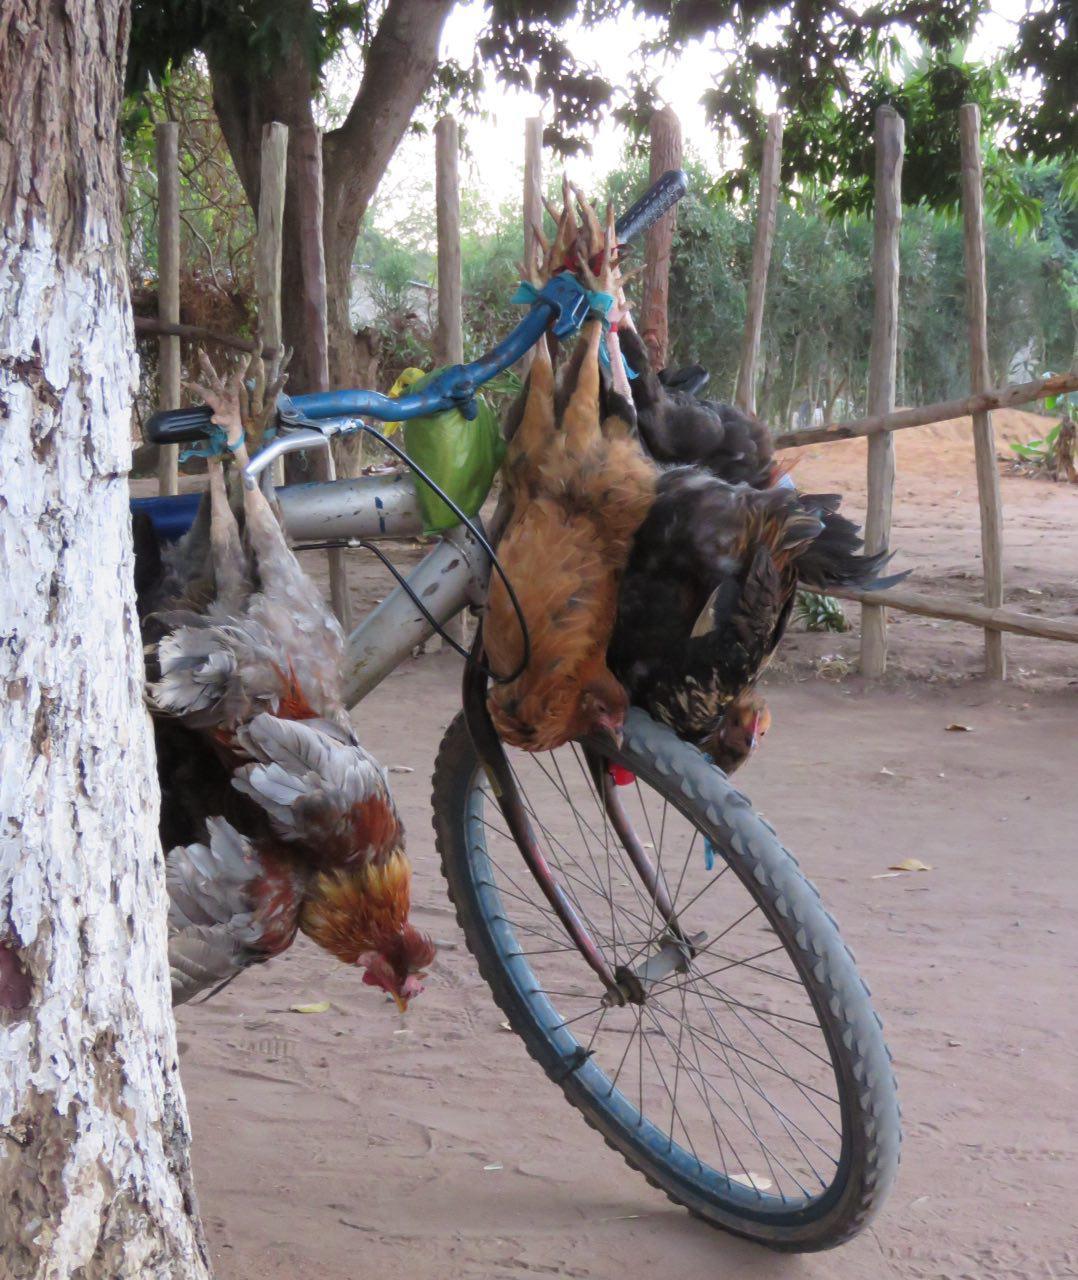 مرغ و خروس هایی که صبح خود را اینگونه اغاز کرده اند، باشد که تبدیل به پولی ناچیز گردند برای گذران روزی دیگر از زندگی خانواده ای!